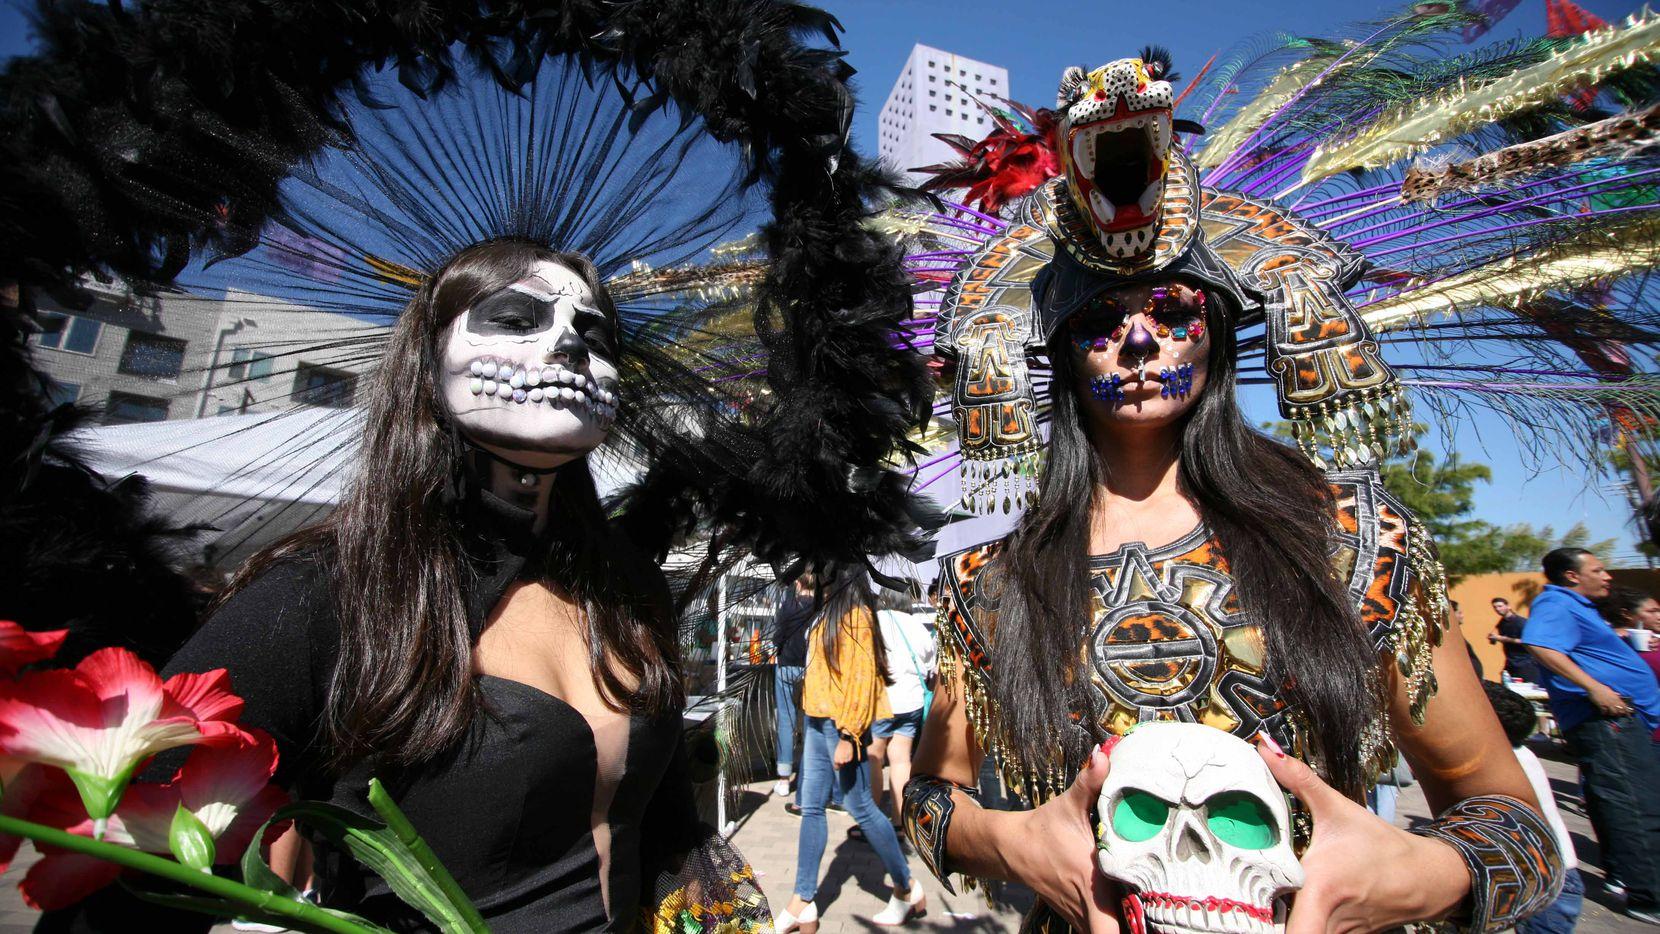 Miembros de la agrupación  Bailarines Aztecas  celebran la tradición del Día de Muertos en el Centro Cutlural Latino. MILKO MARÍN/Especial para AL DÍA